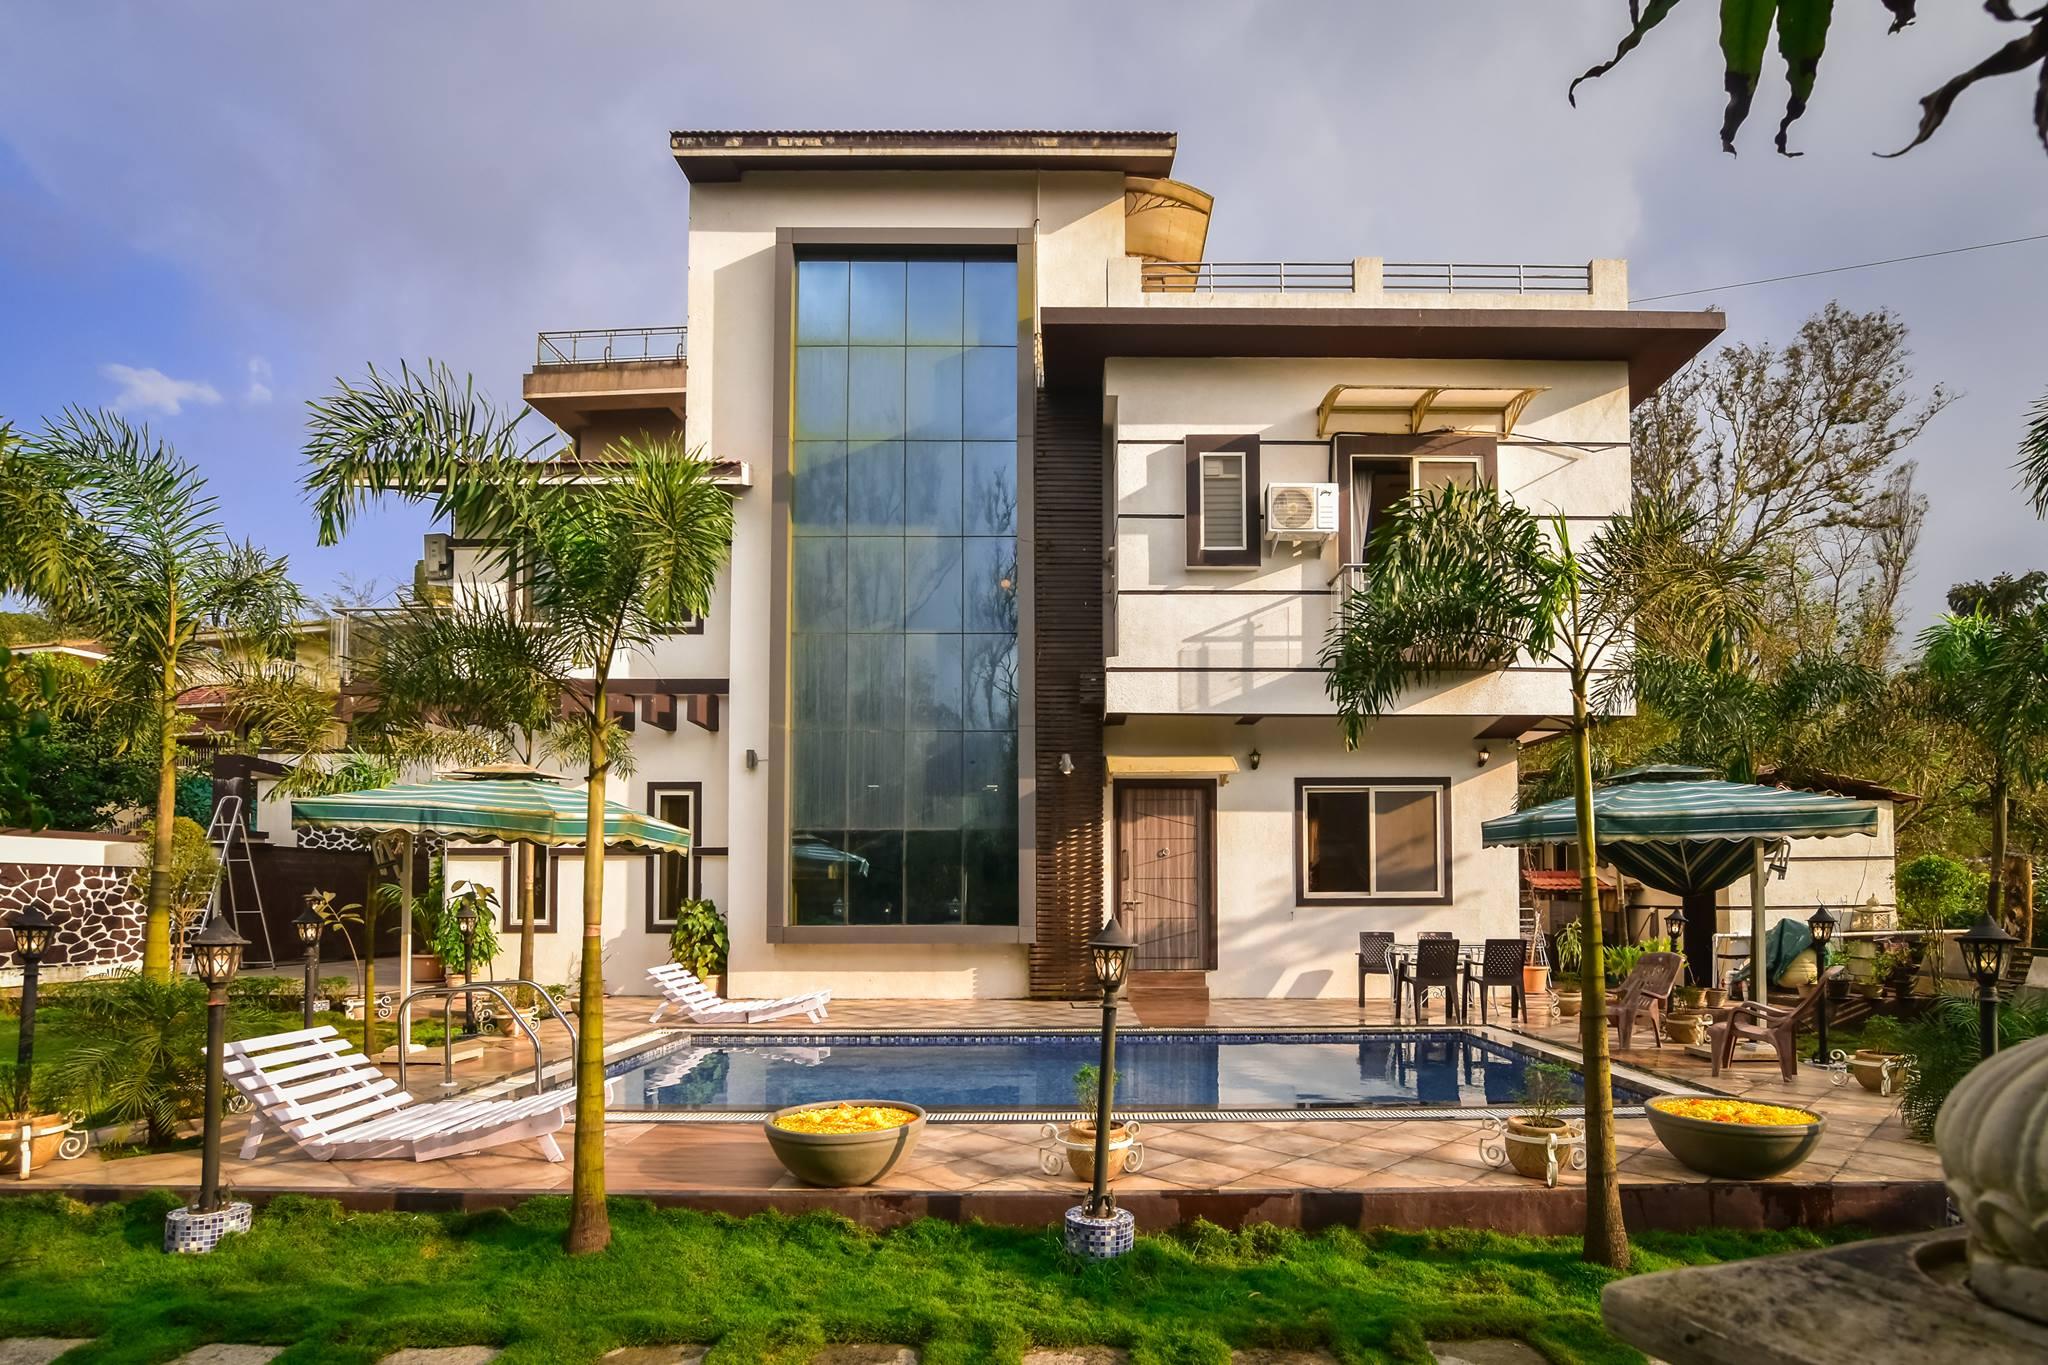 Aashiyaanaa Villas - Lonavla Image